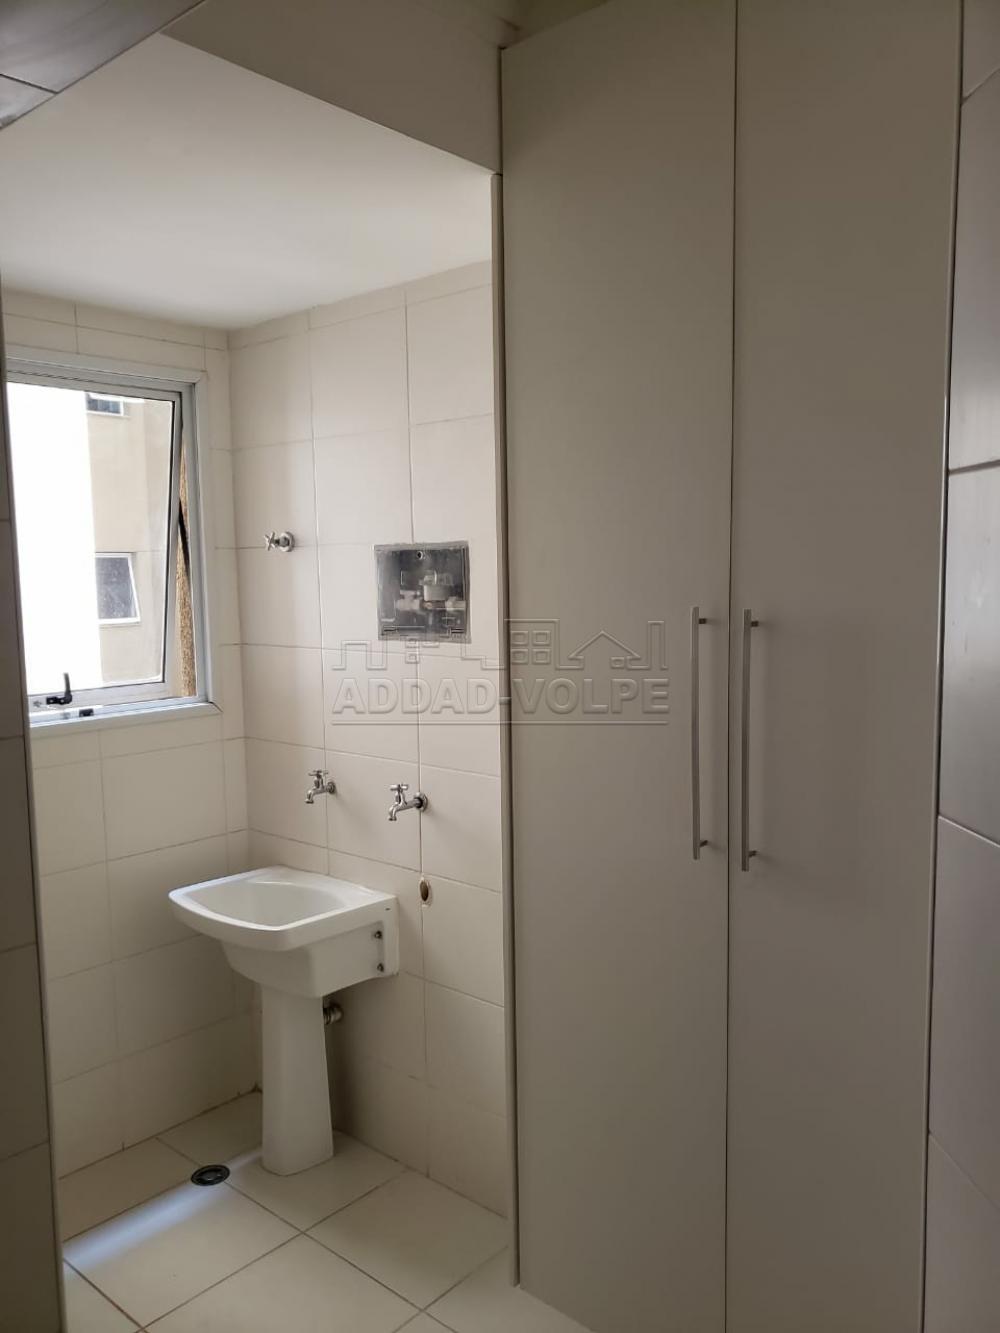 Alugar Apartamento / Padrão em Bauru R$ 1.900,00 - Foto 6